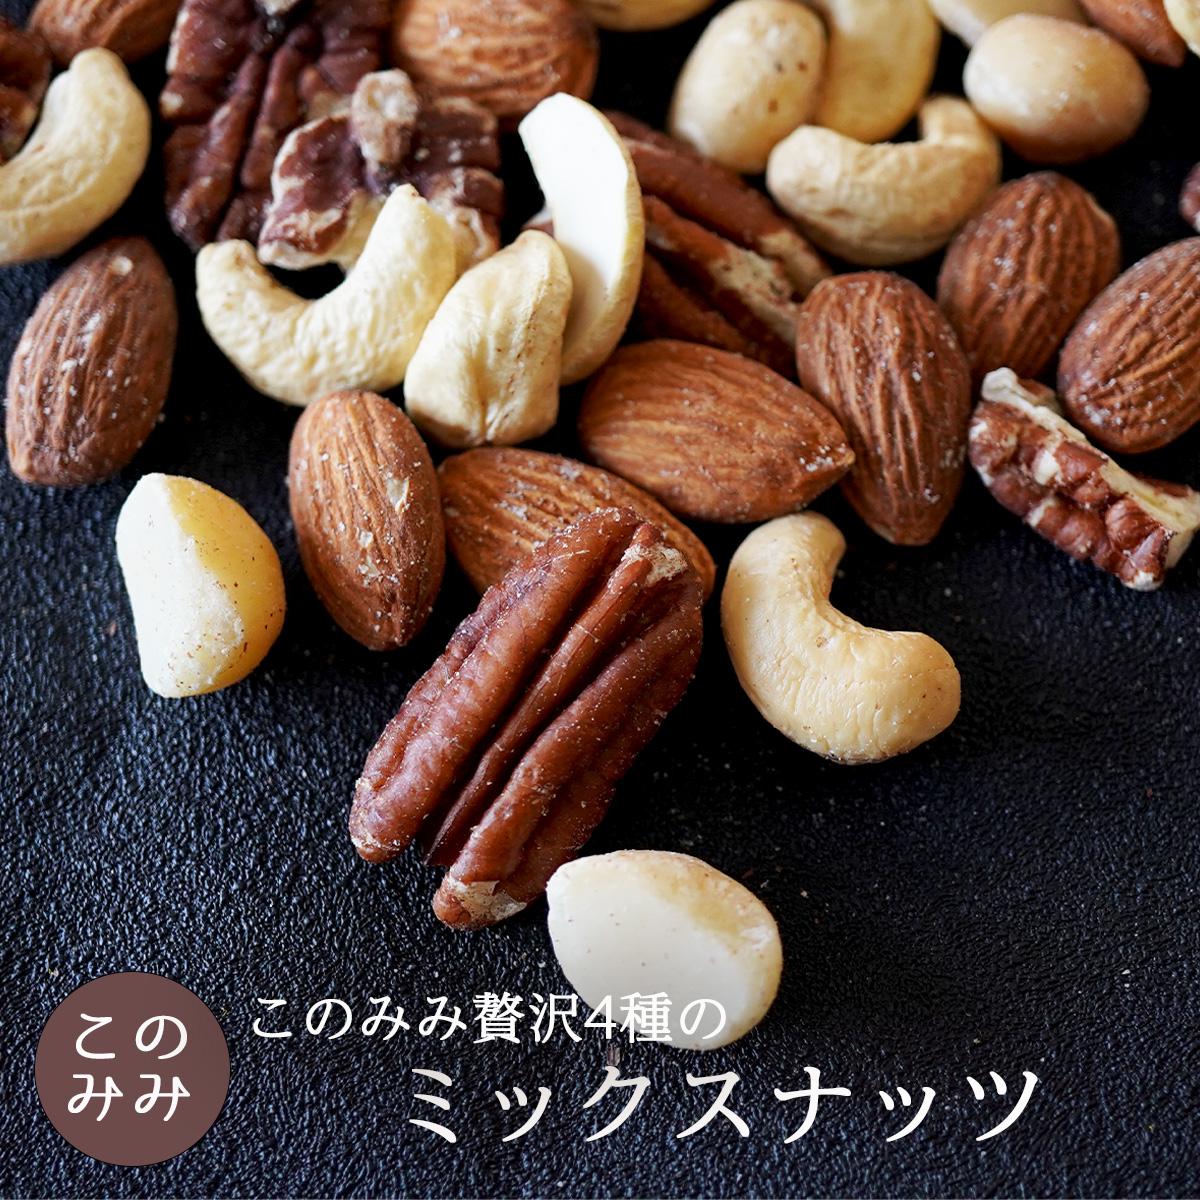 栄養豊富な4種類のナッツ ピーカンナッツ アーモンド マカダミアナッツ カシューナッツ を 無添加のまま香ばしく素焼きしました お料理やお菓子づくりにもおすすめです 送料無料 無塩 小袋 お中元 素焼き 日本製 美容 訳あり ナッツ おつまみ 健康 おやつ 小分け オイル不使用 通販 無添加贅沢4種のこのみみミックスナッツ